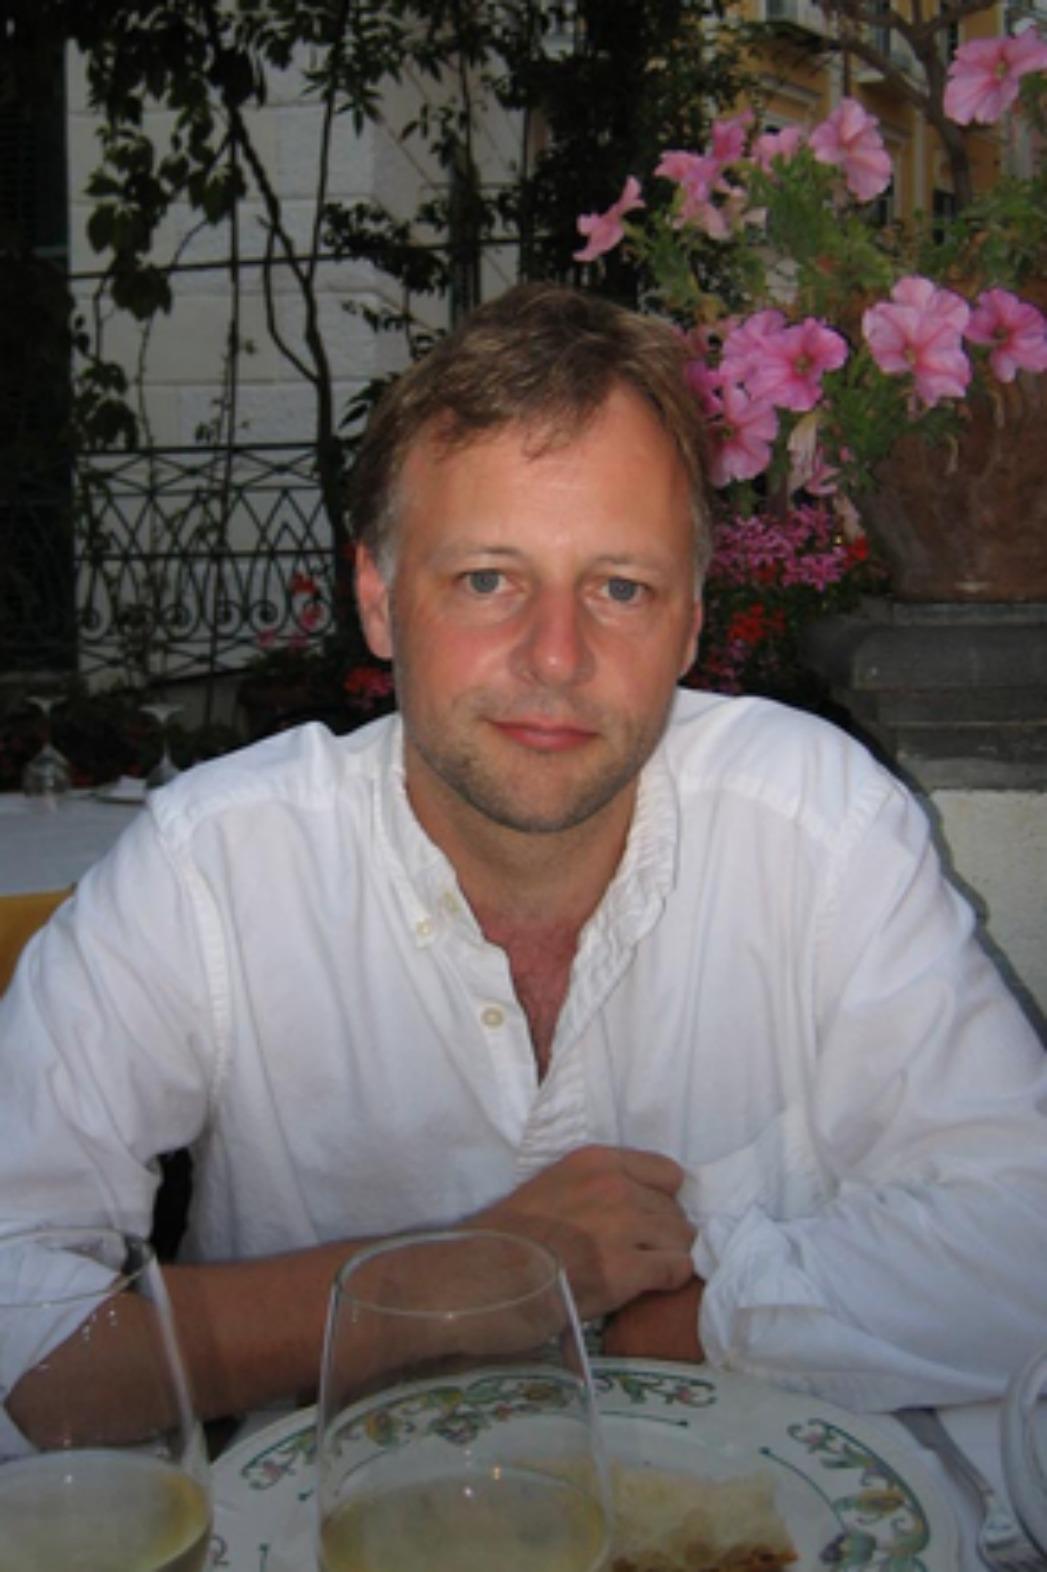 Paul Apted